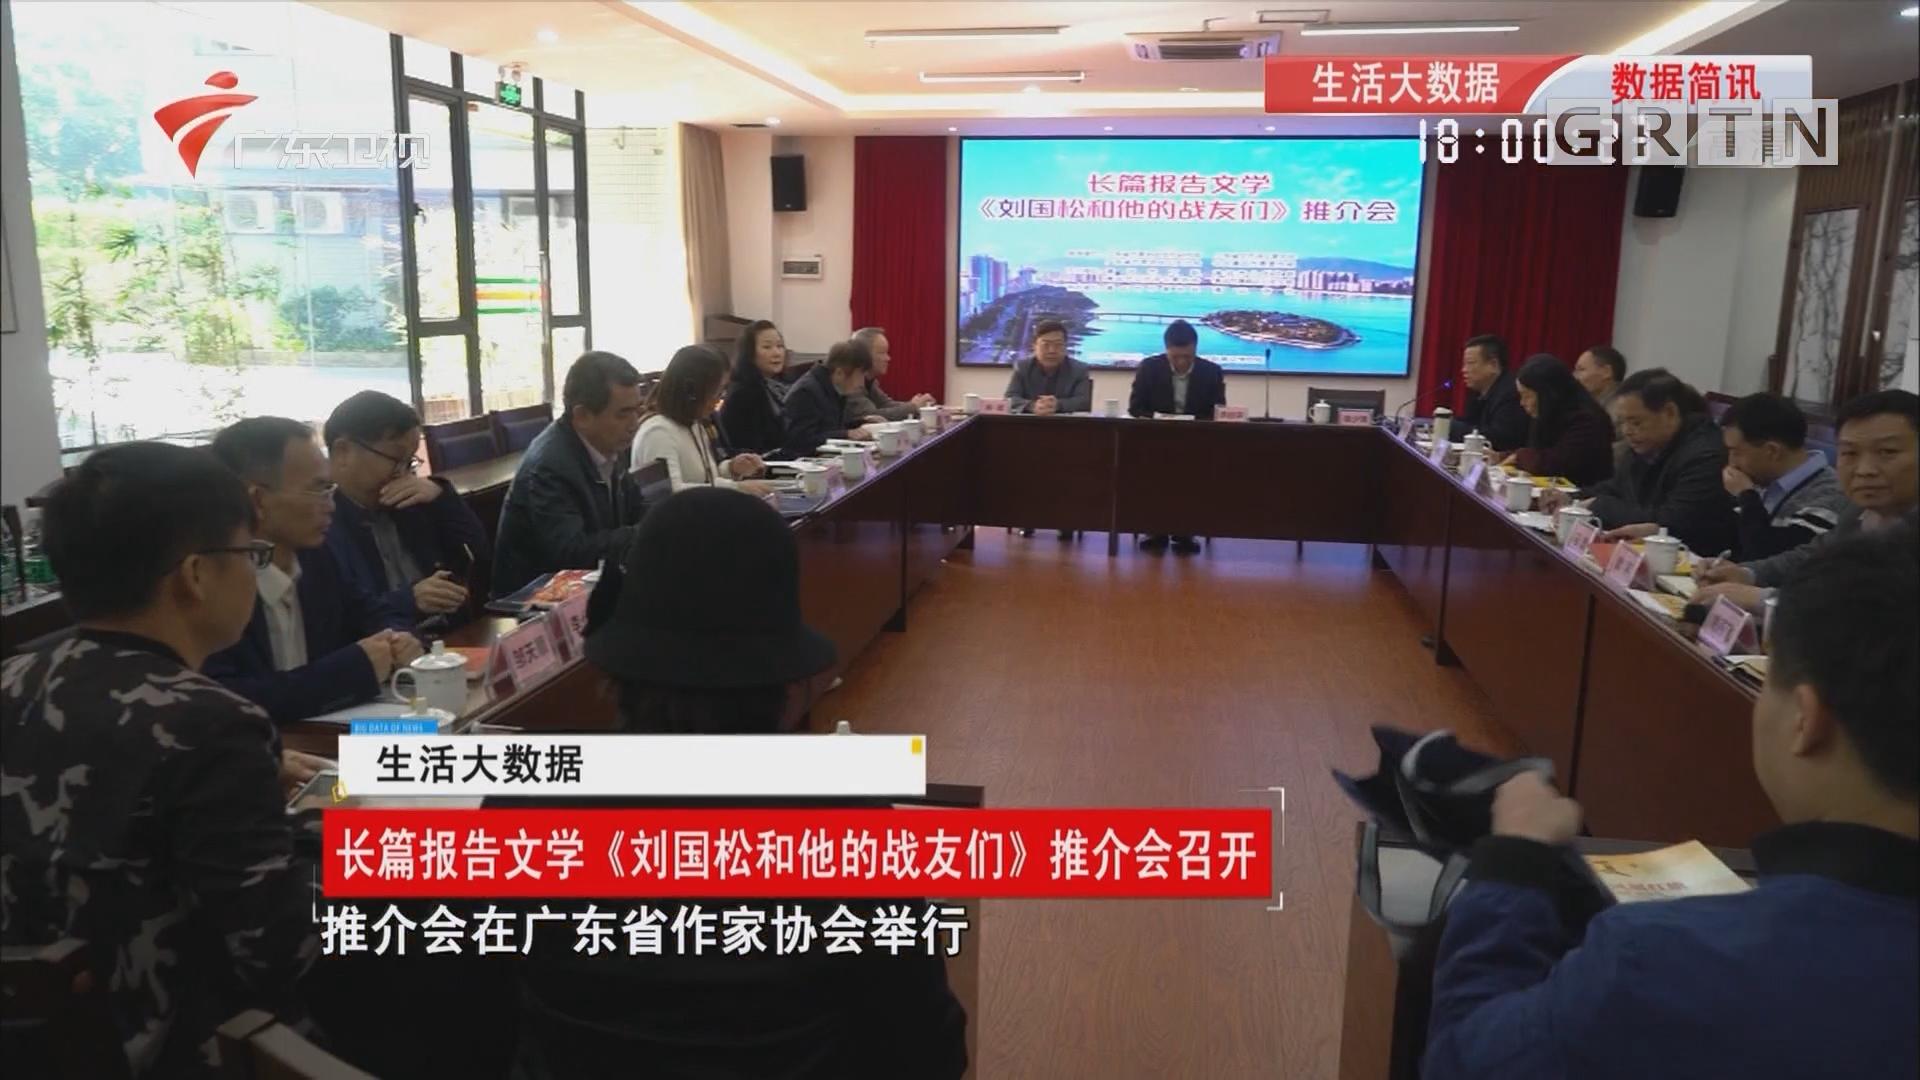 长篇报告文学《刘国松和他的战友们》推介会召开